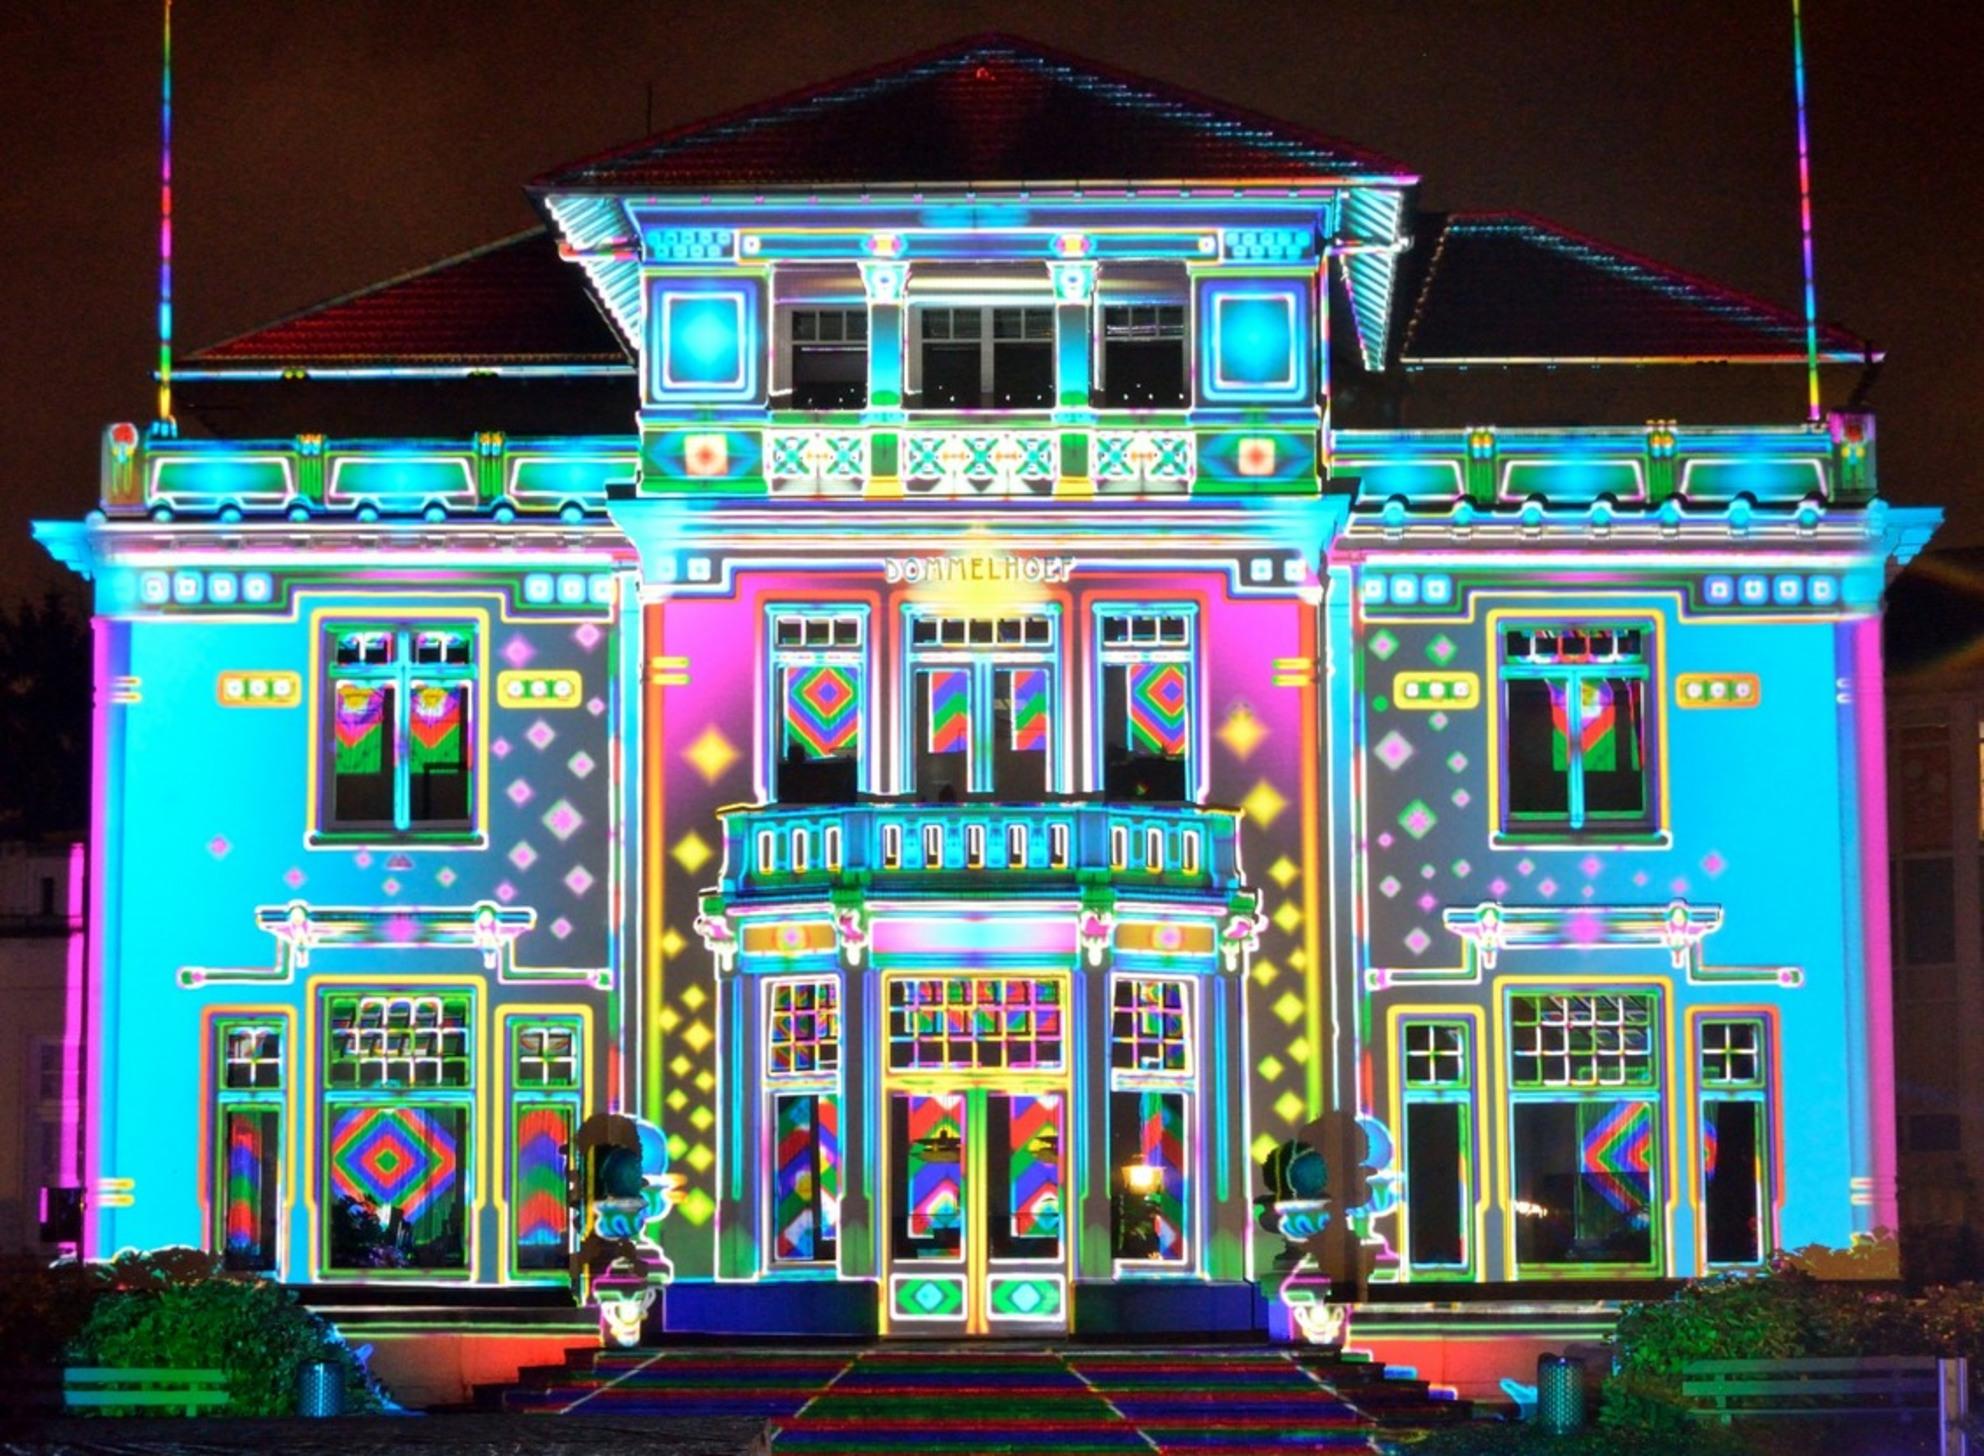 FUNHOUSE - Ook deze foto is gemaakt tijdens Glow Eindhoven. Schitterend vind ik dit huis met deze lichteffecten. - foto door Monere op 16-11-2013 - deze foto bevat: roze, groen, kleur, blauw, geel, licht, eindhoven, glow, huis - Deze foto mag gebruikt worden in een Zoom.nl publicatie